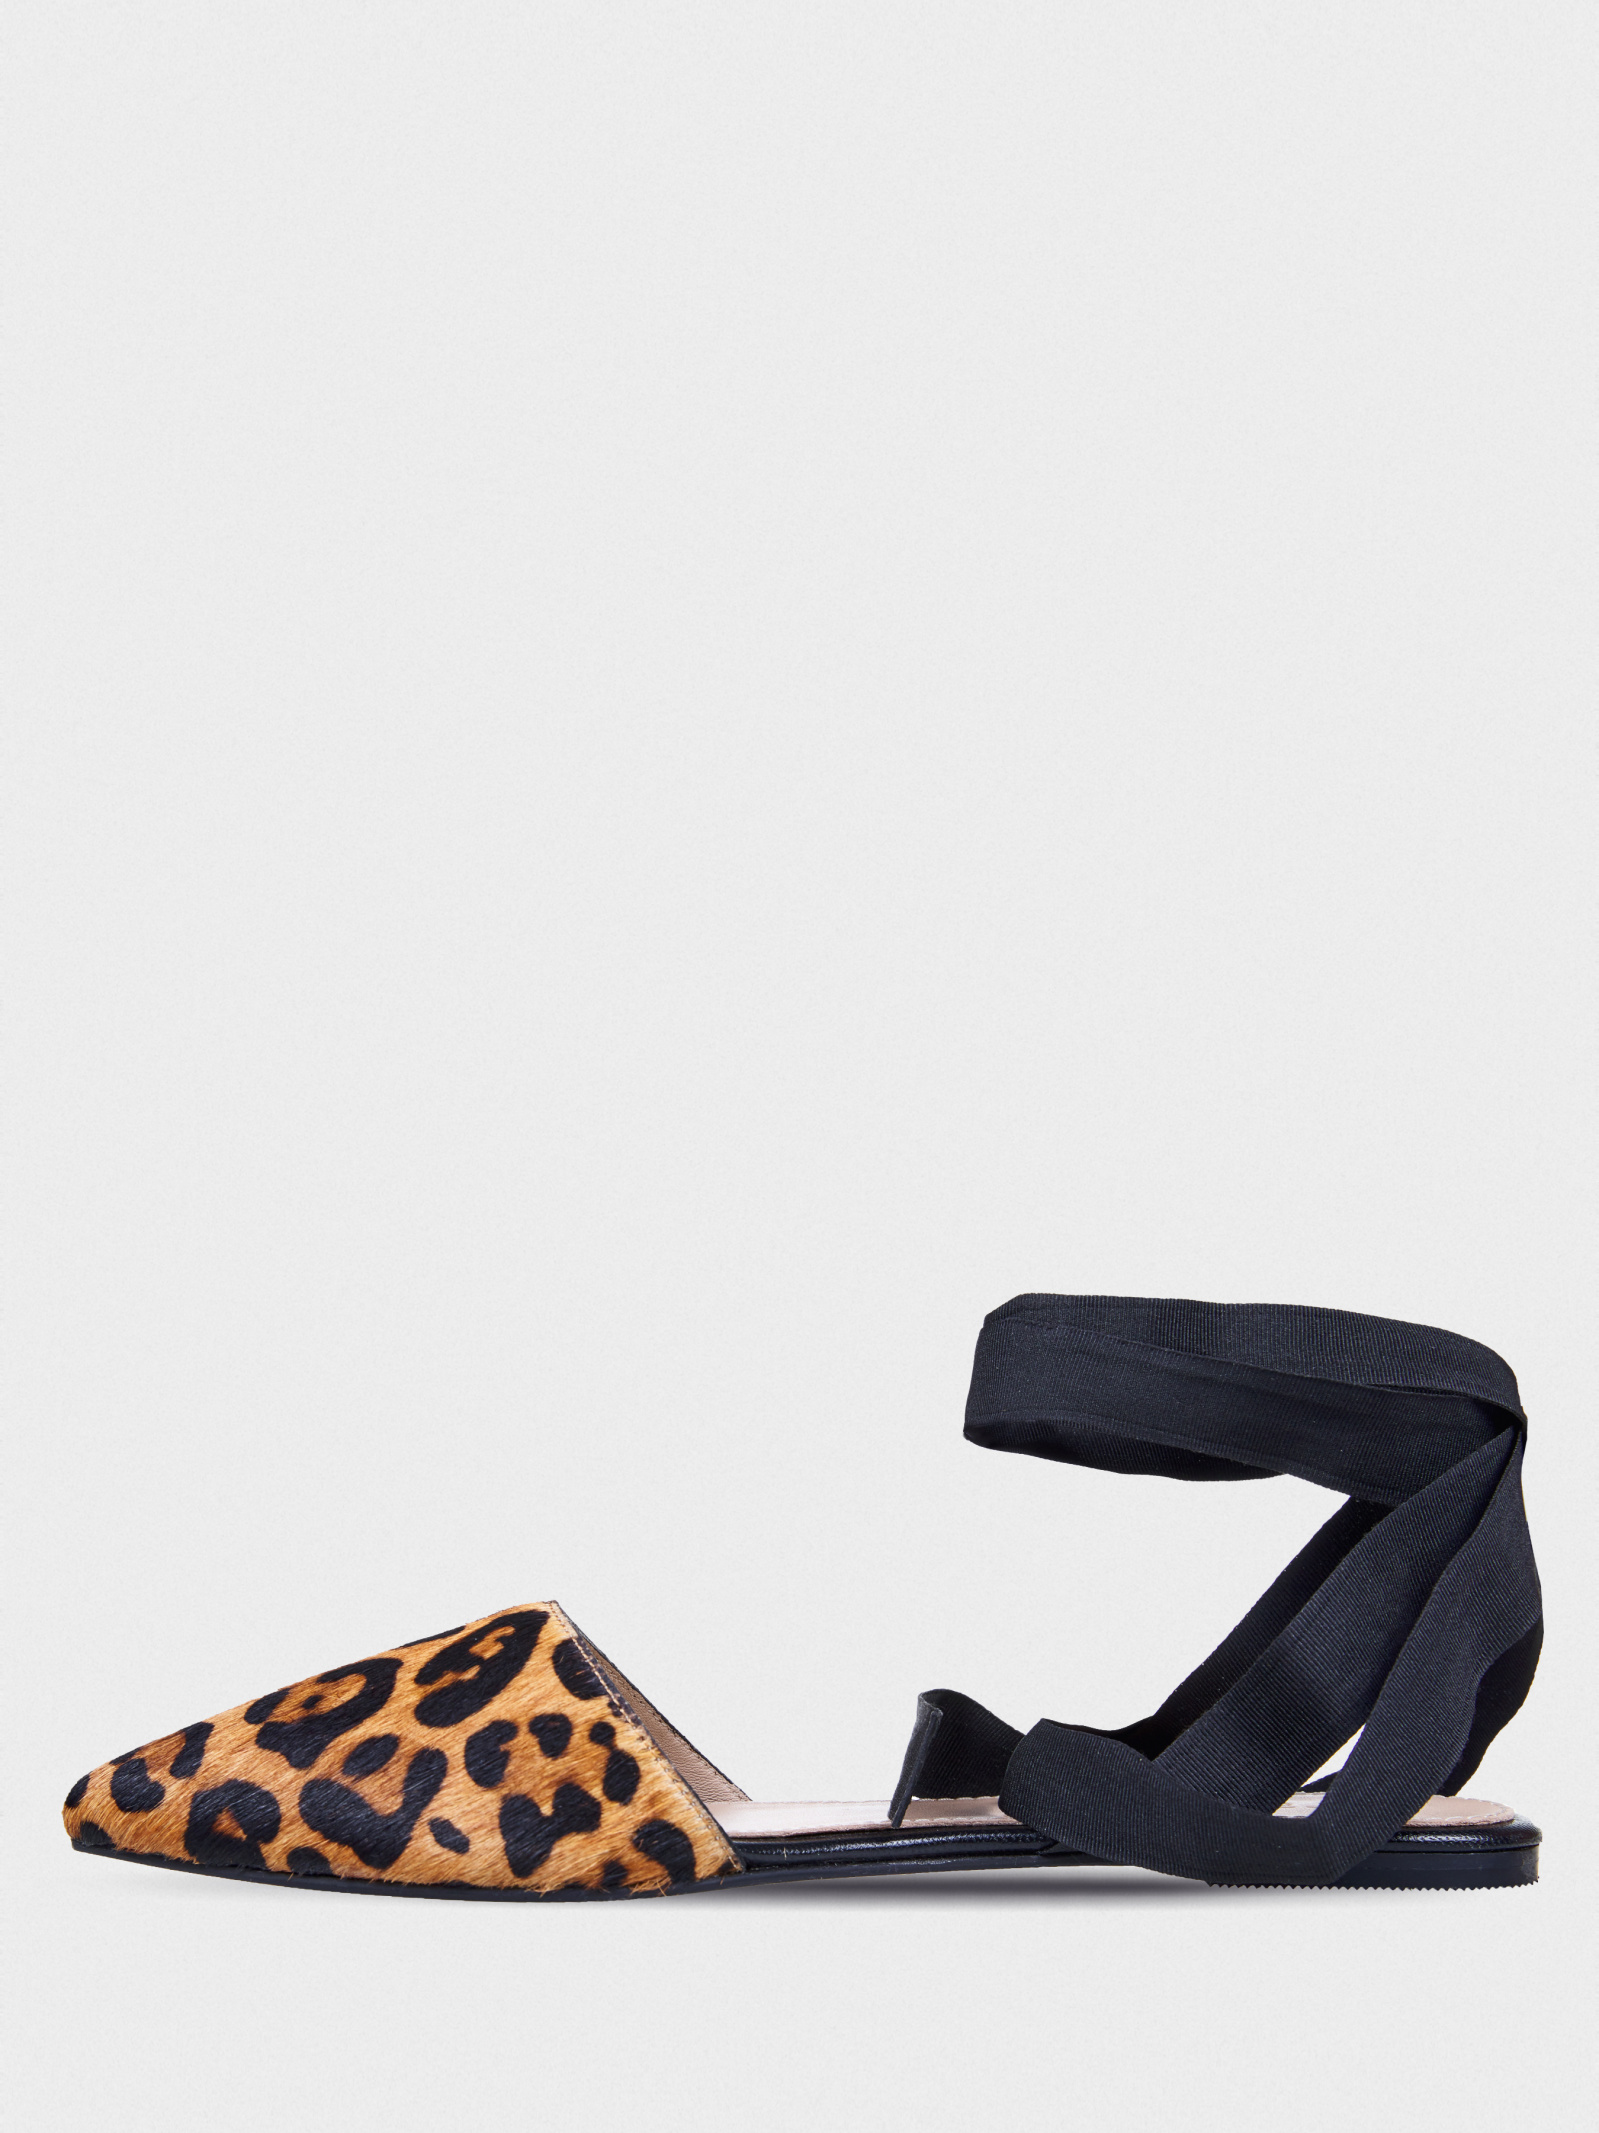 Босоніжки  жіночі Braska 211-3492/205 модне взуття, 2017